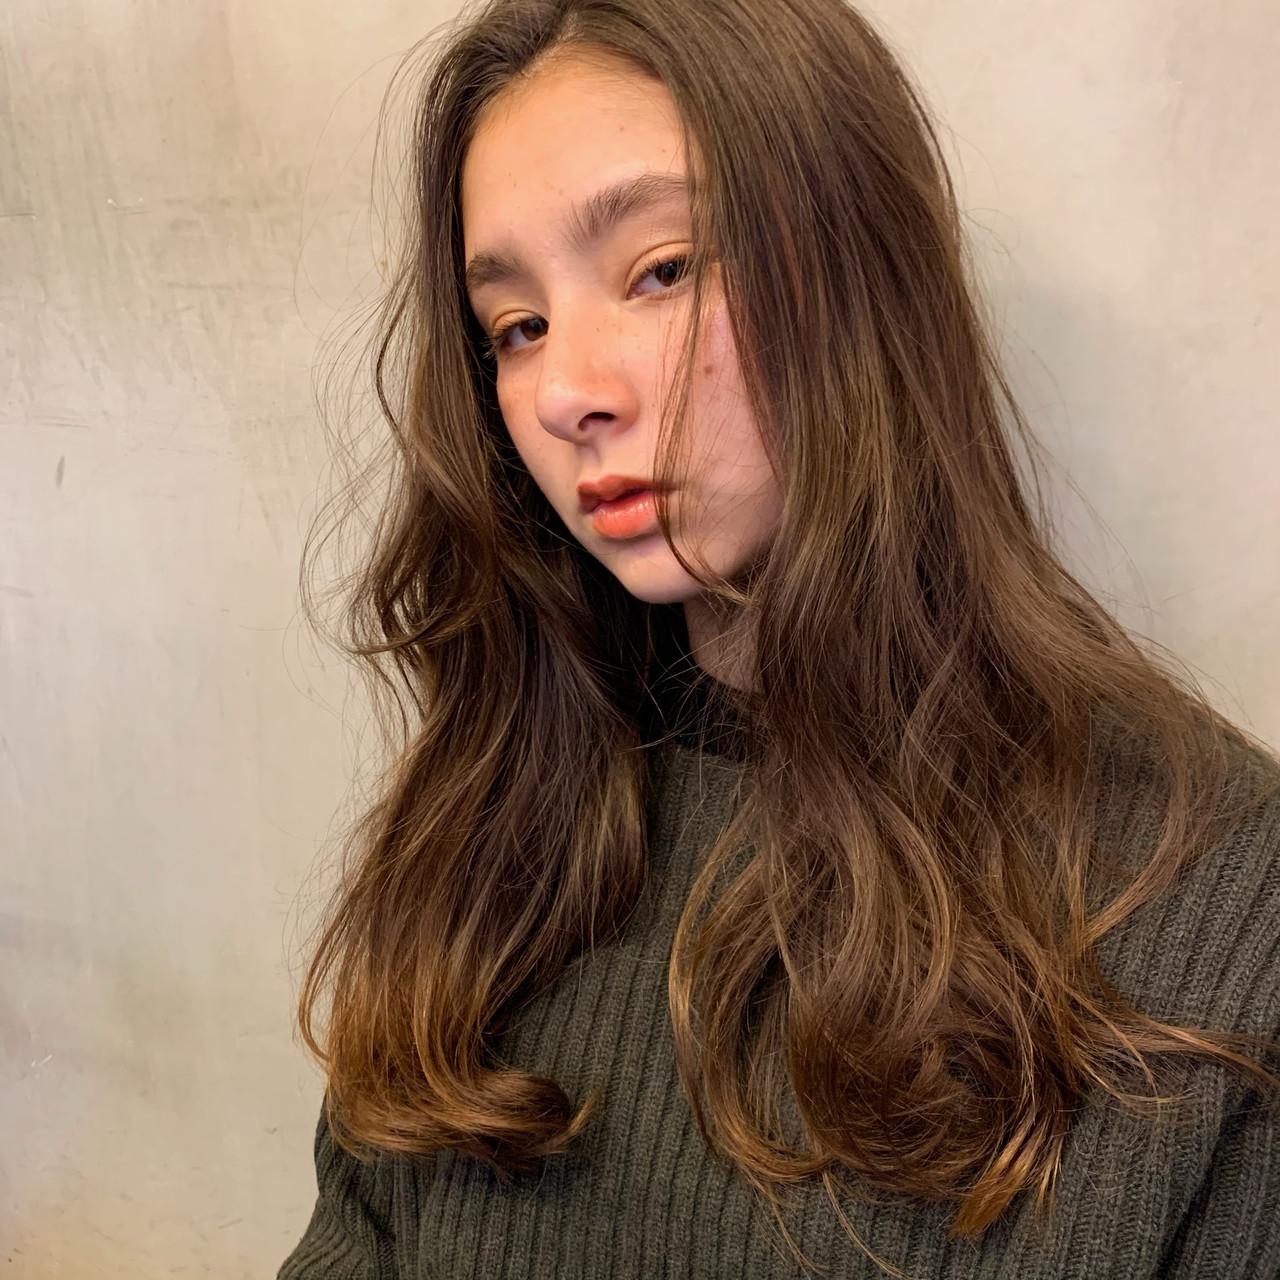 ロング 小顔ヘア アンニュイほつれヘア ゆるウェーブ ヘアスタイルや髪型の写真・画像